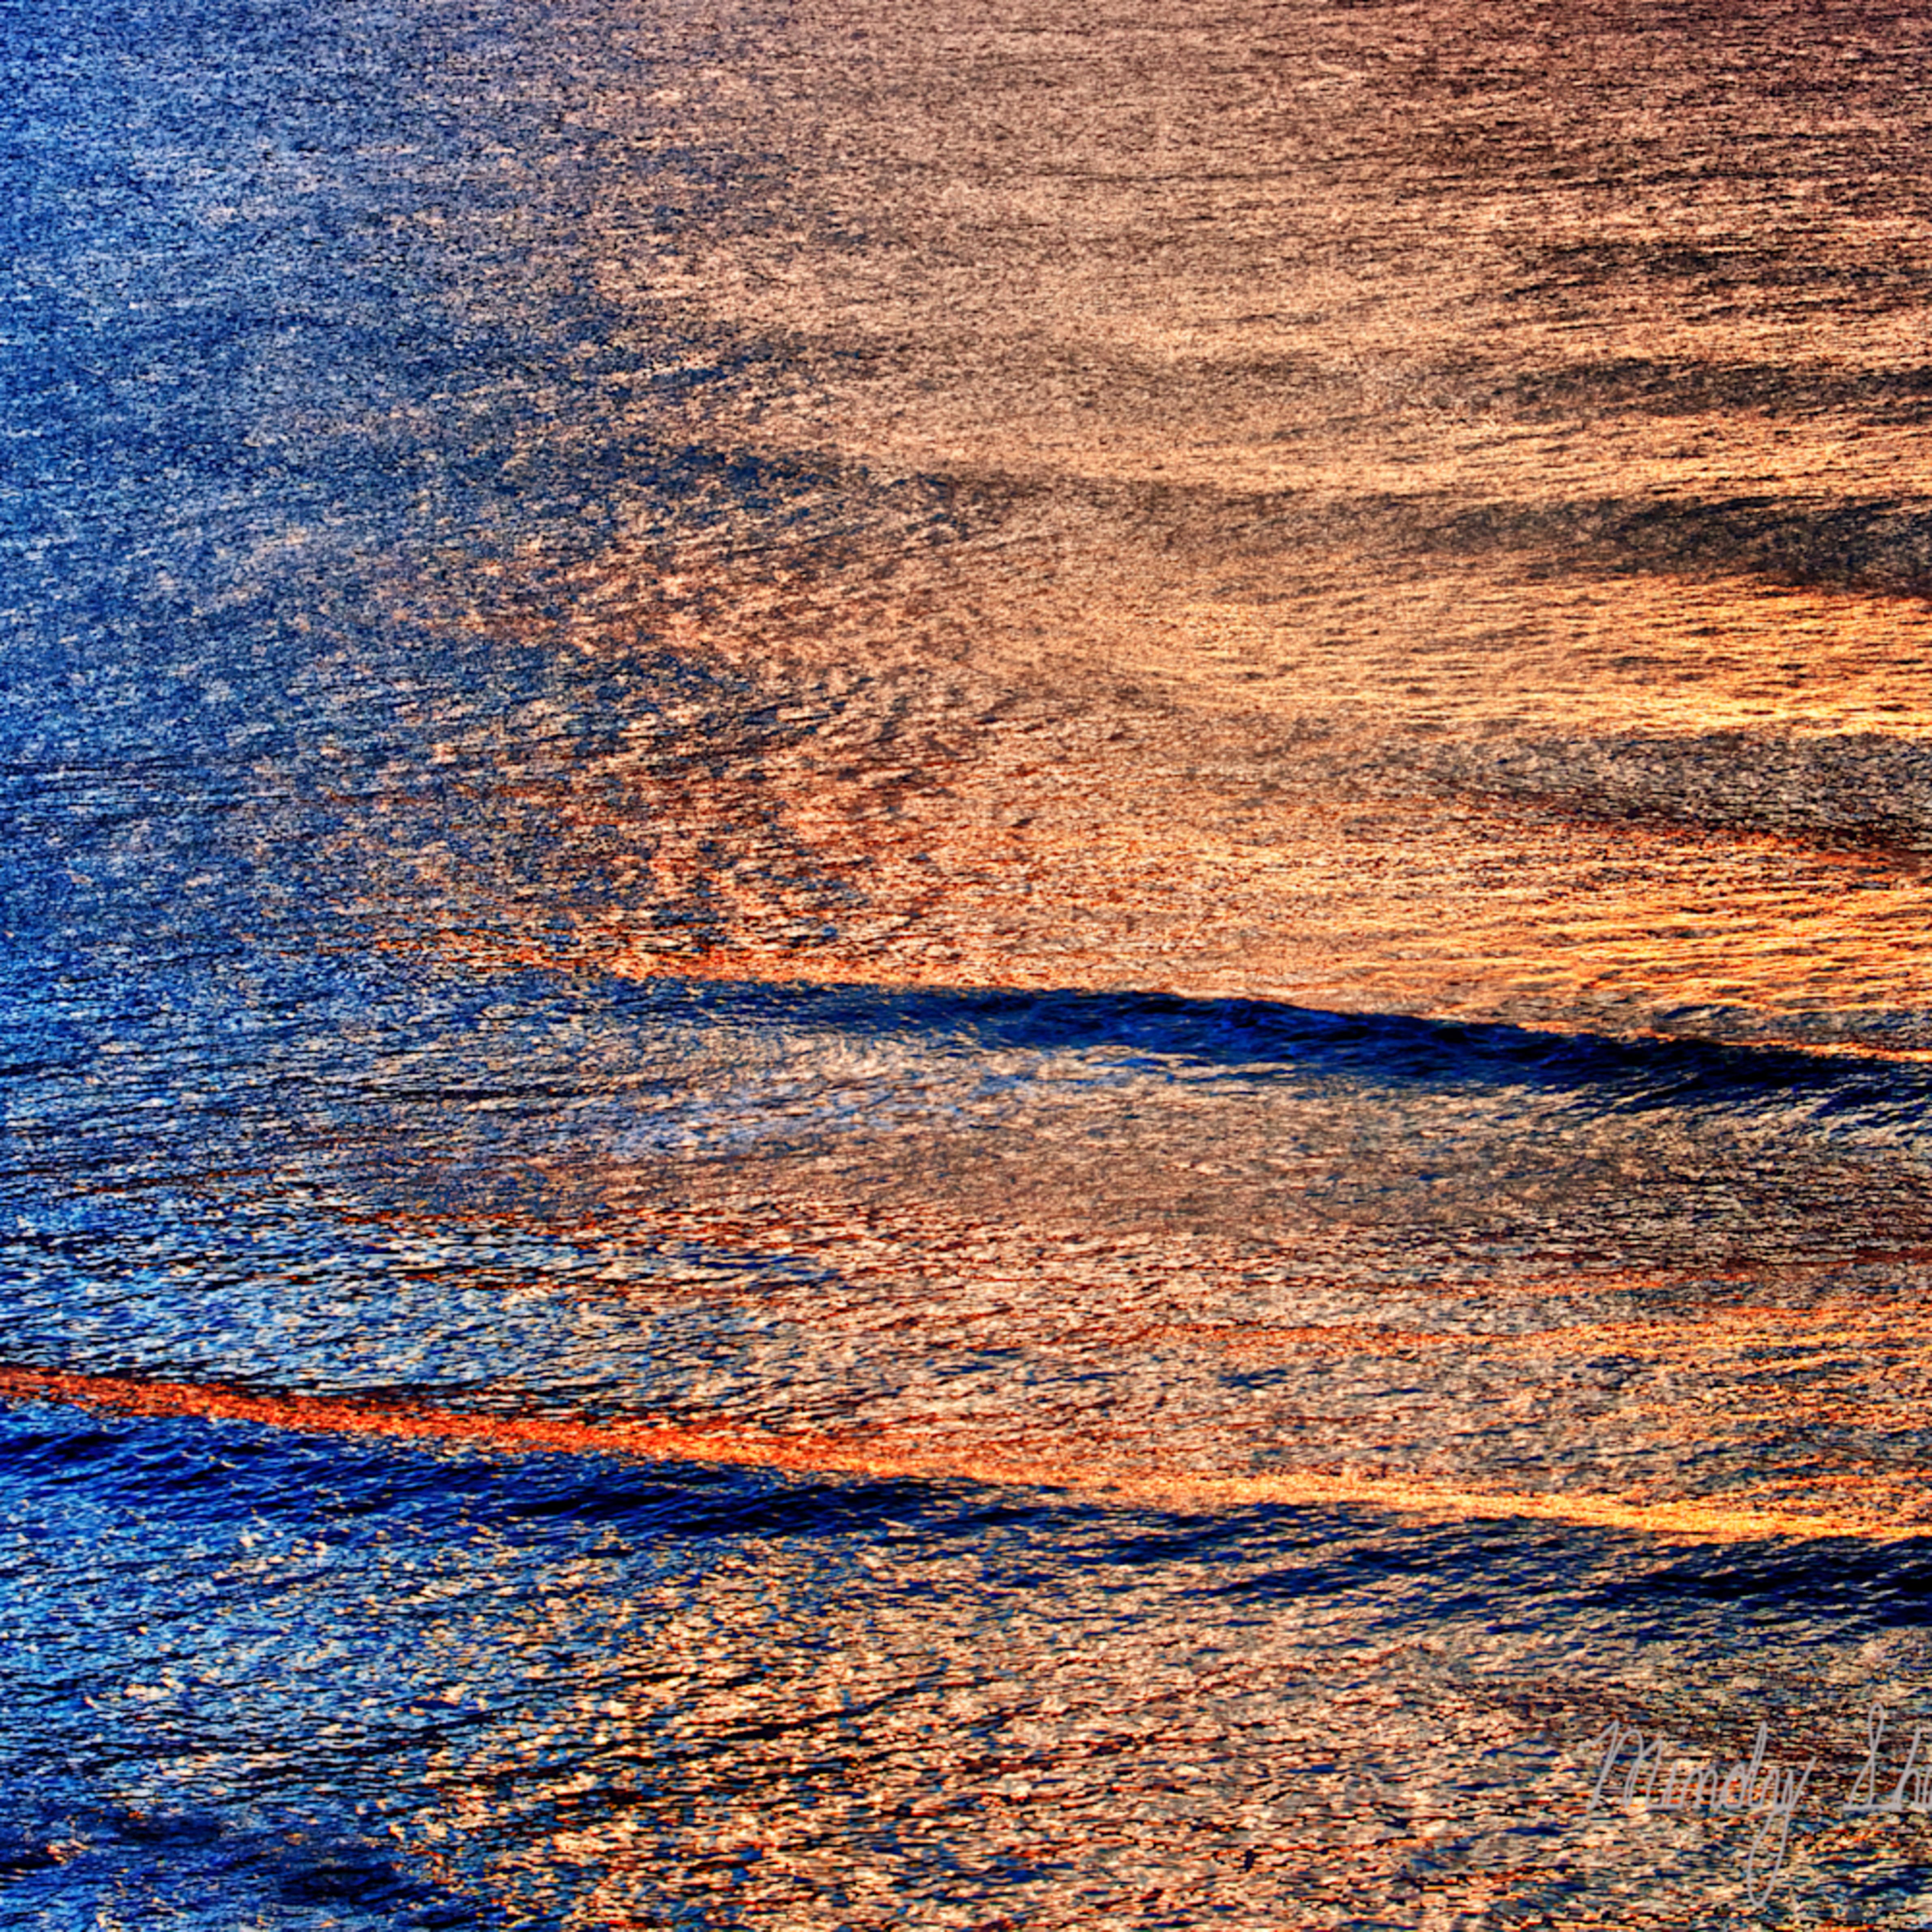 Sunsetoceanmg 8263 zk2sdg